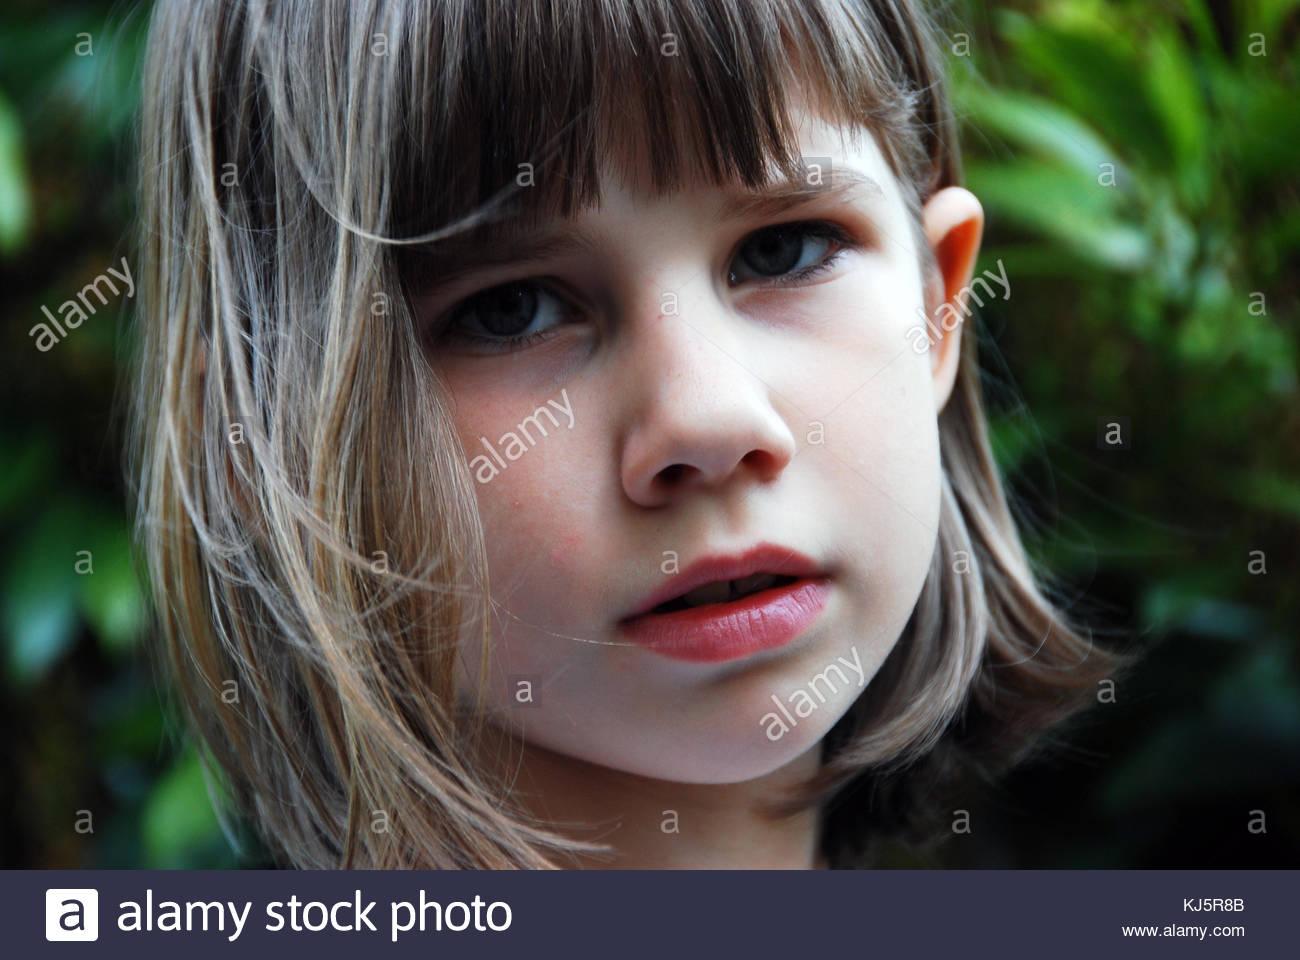 Visage de l'enfant avec un fond vert Photo Stock